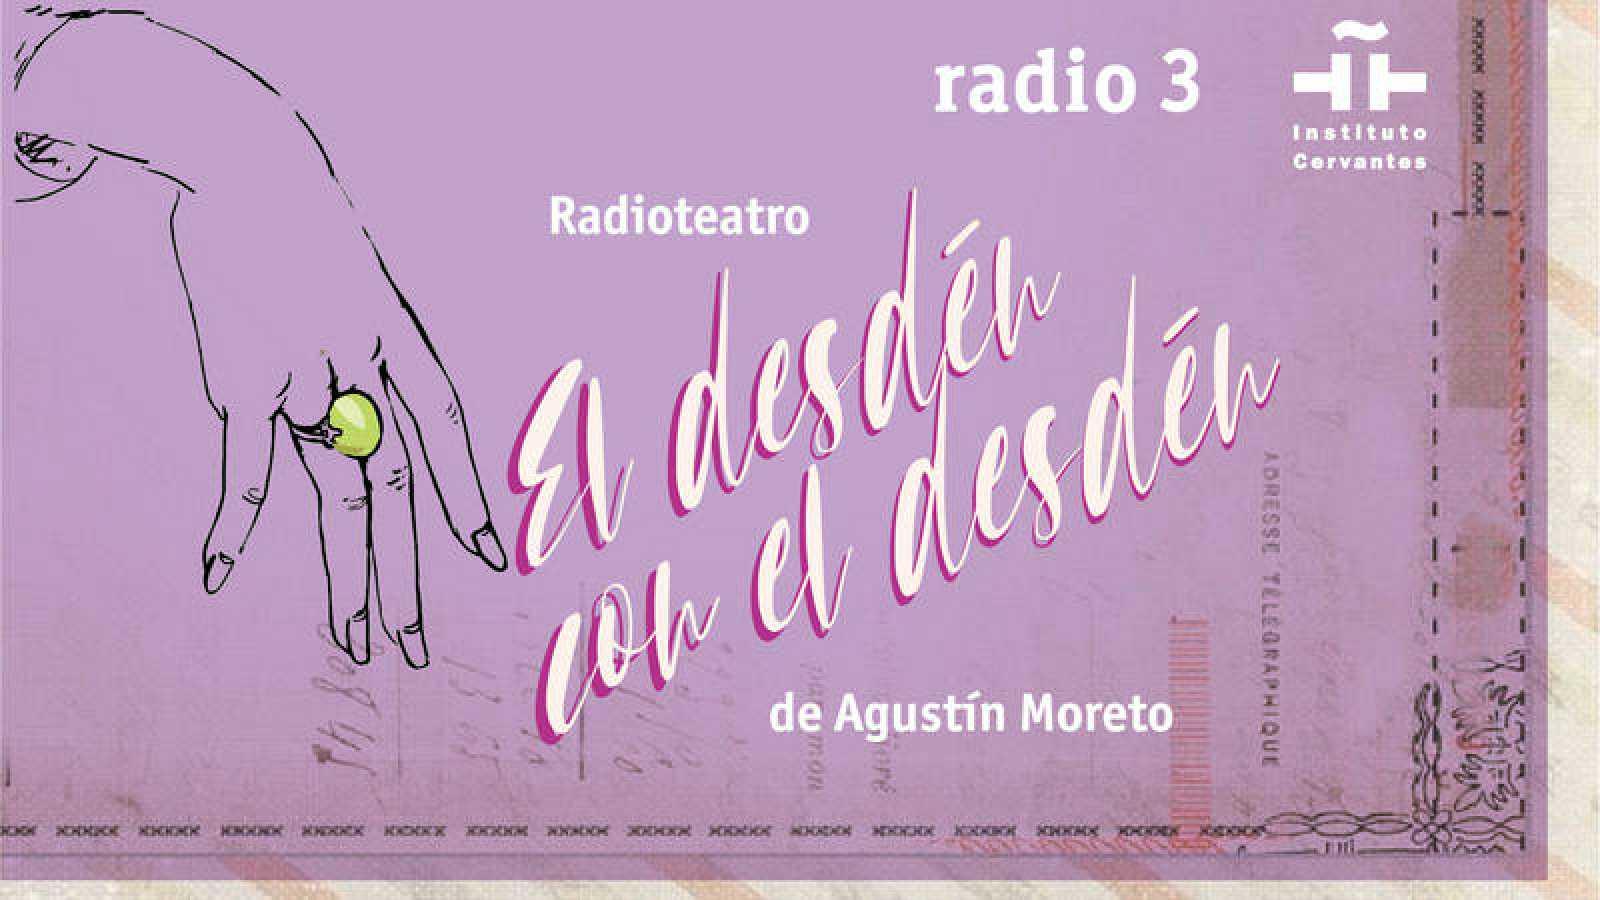 'El desdén con el desdén' es una obra de Agustín de Moreto, de cuyo nacimiento se conmemora el 400 aniversario este 2018.